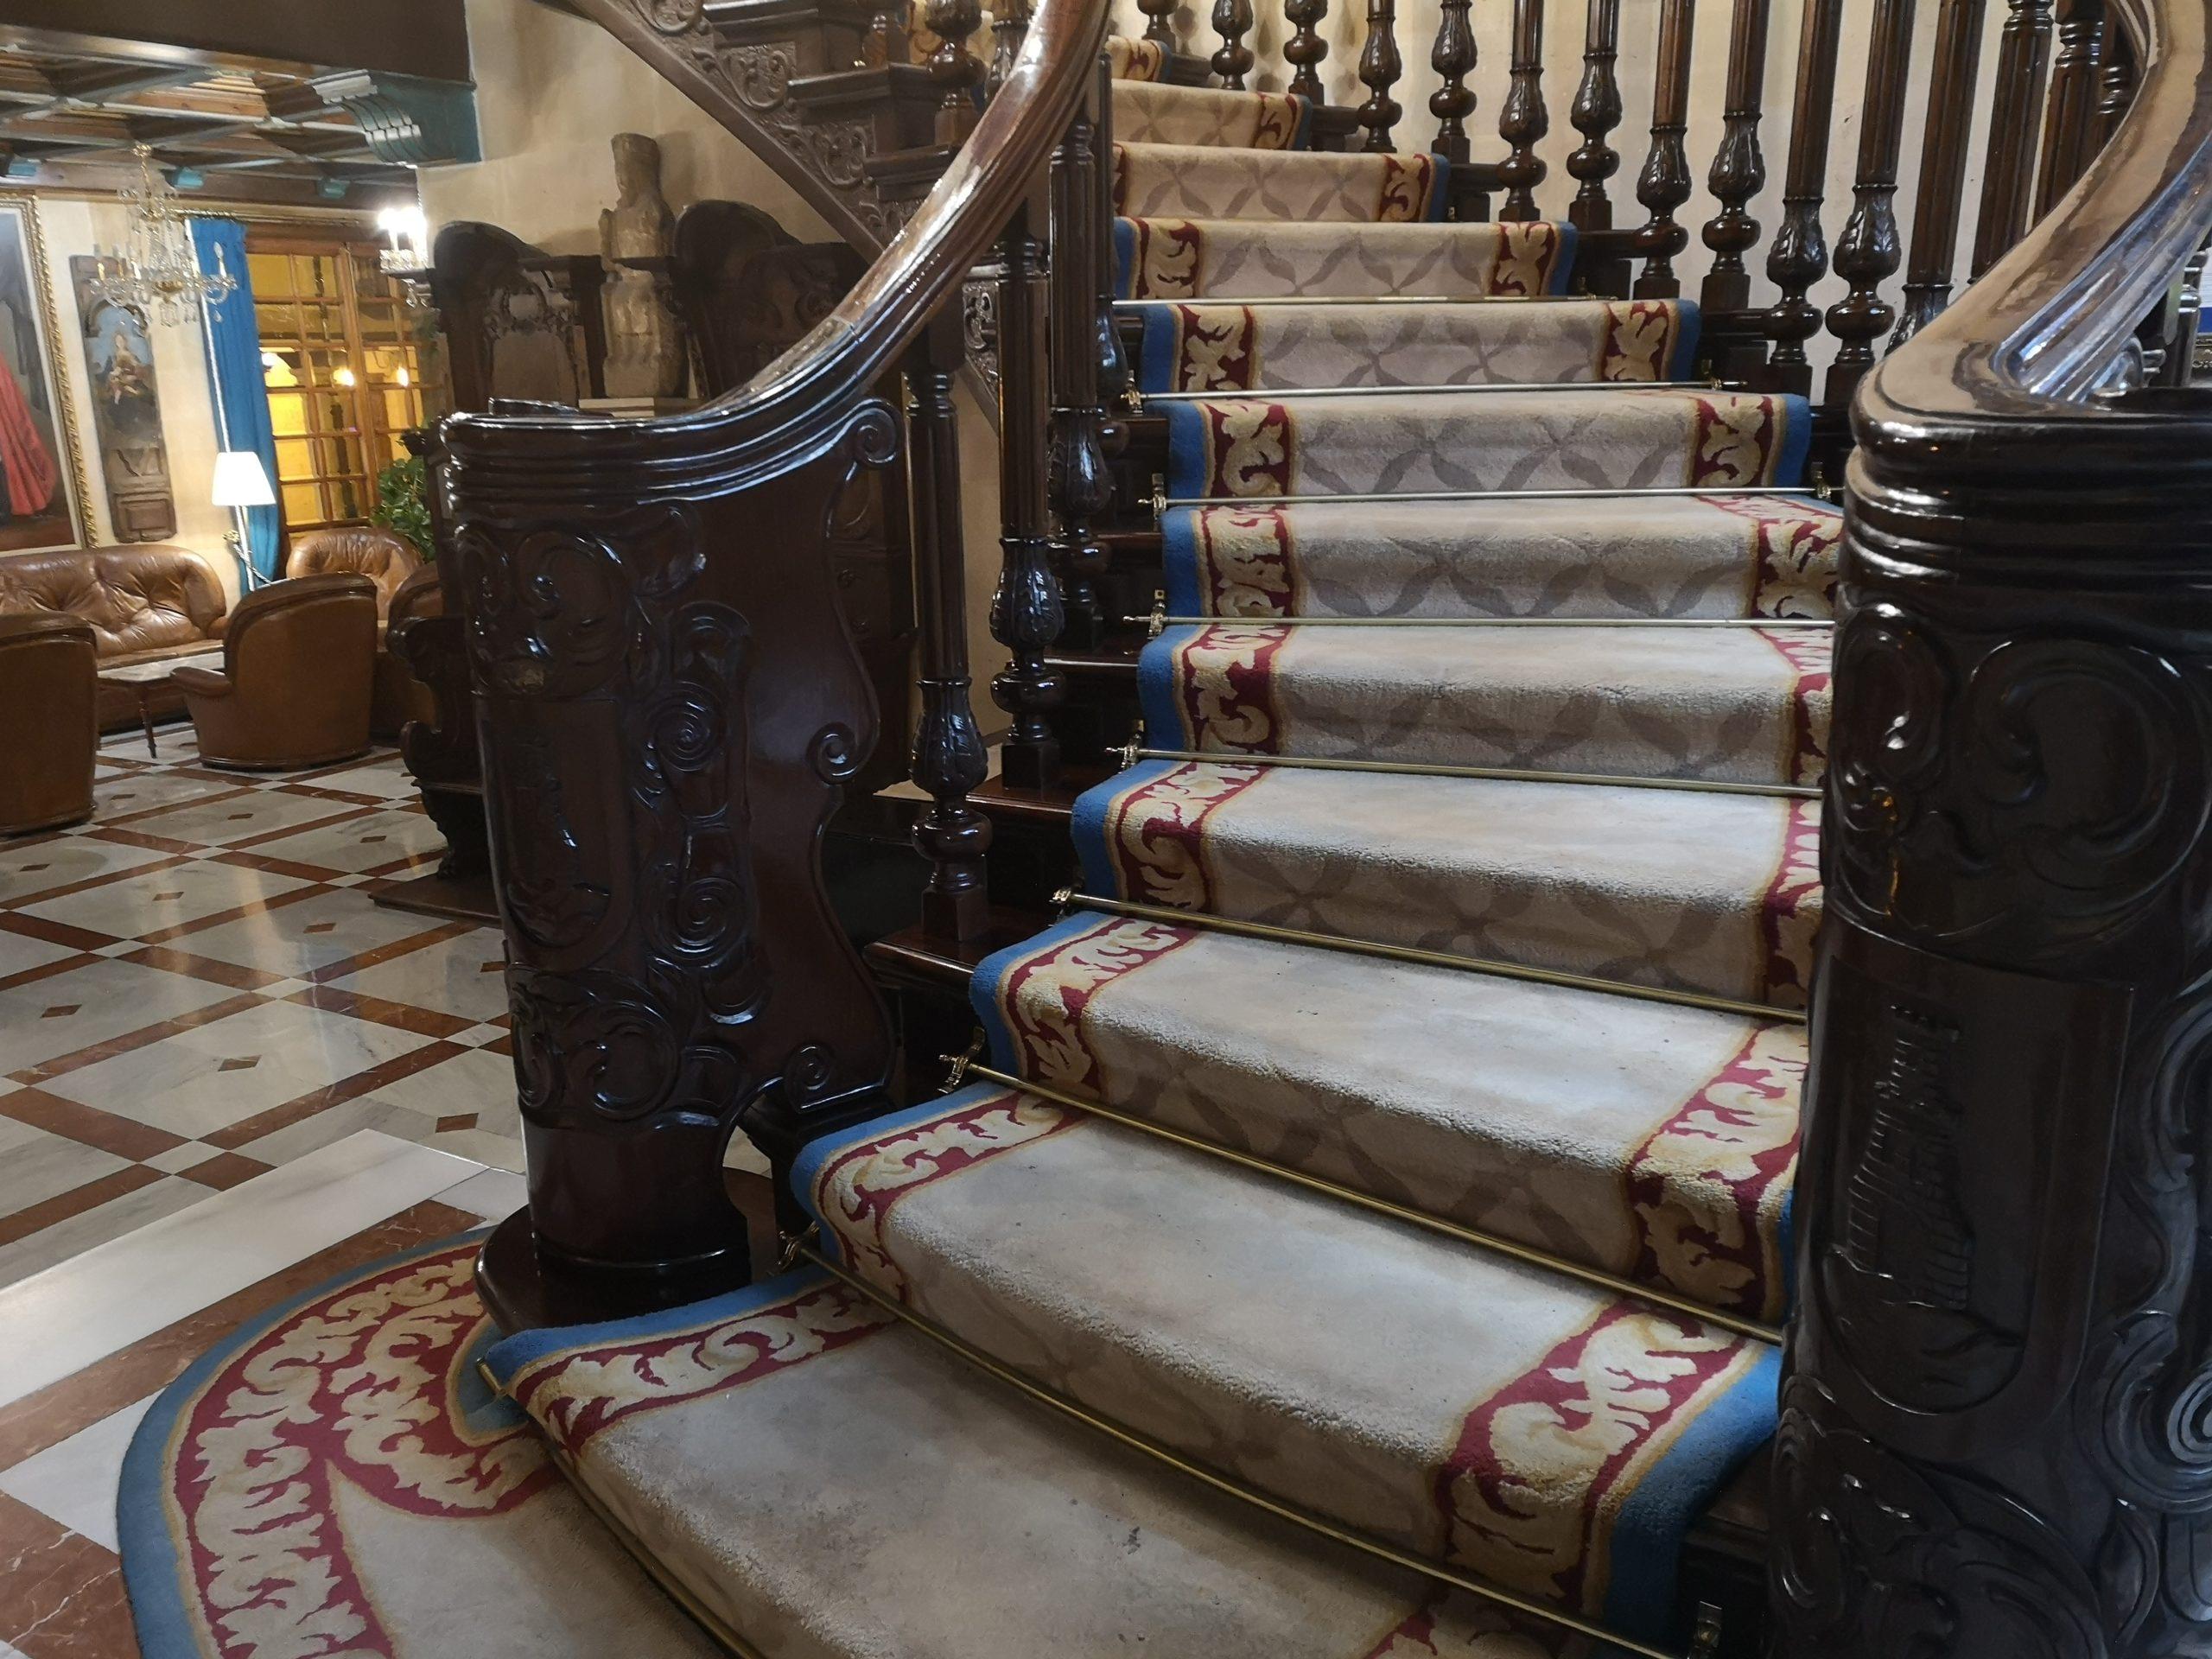 Hotel II VIrrey Palafox: Escalera